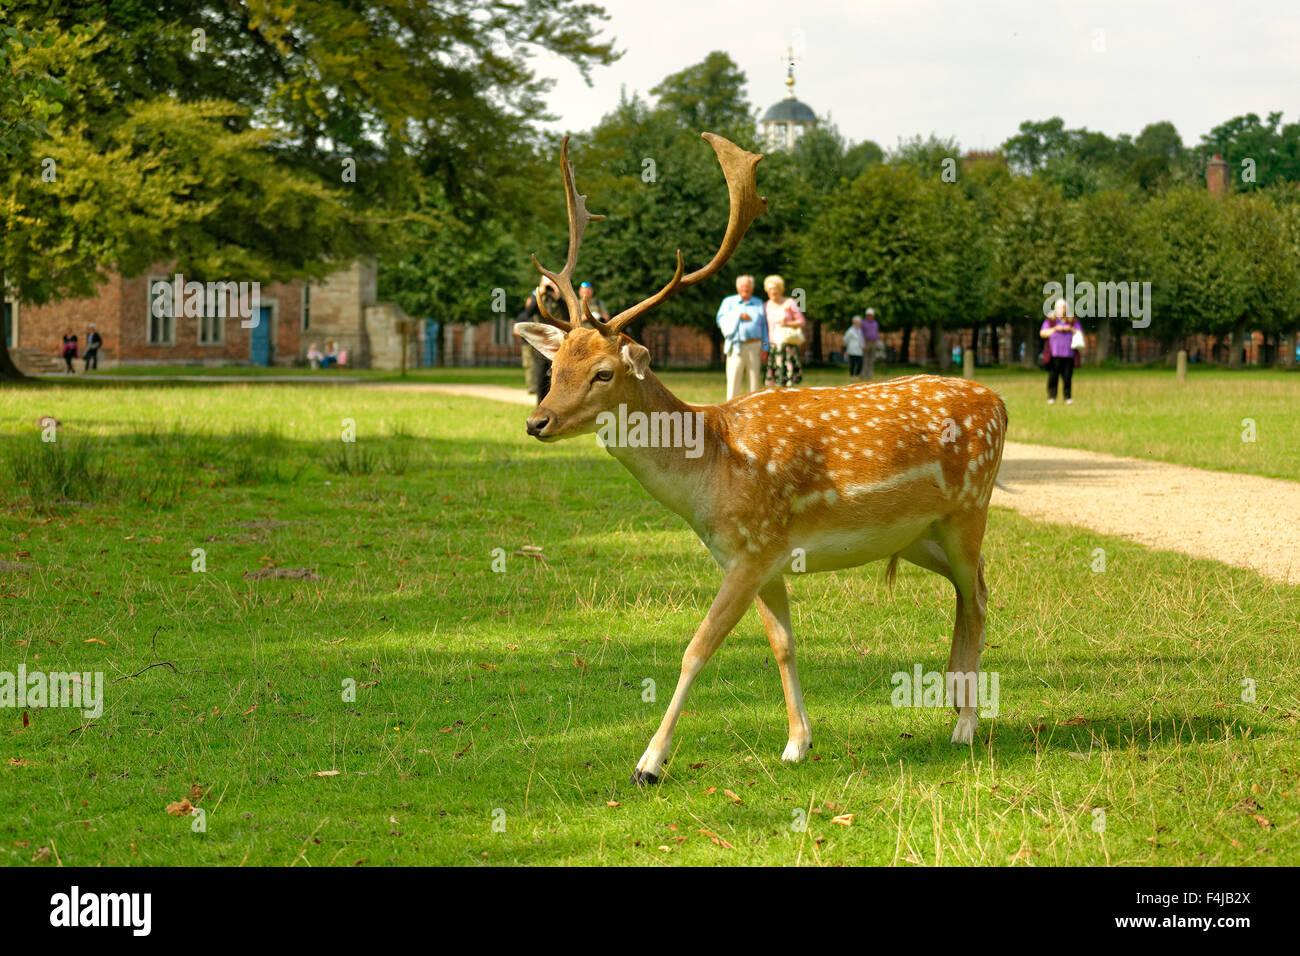 A Fallow Deer at Dunham Massey Hall Deer Park, Dunham Park, Altrincham, Trafford, Greater Manchester. - Stock Image